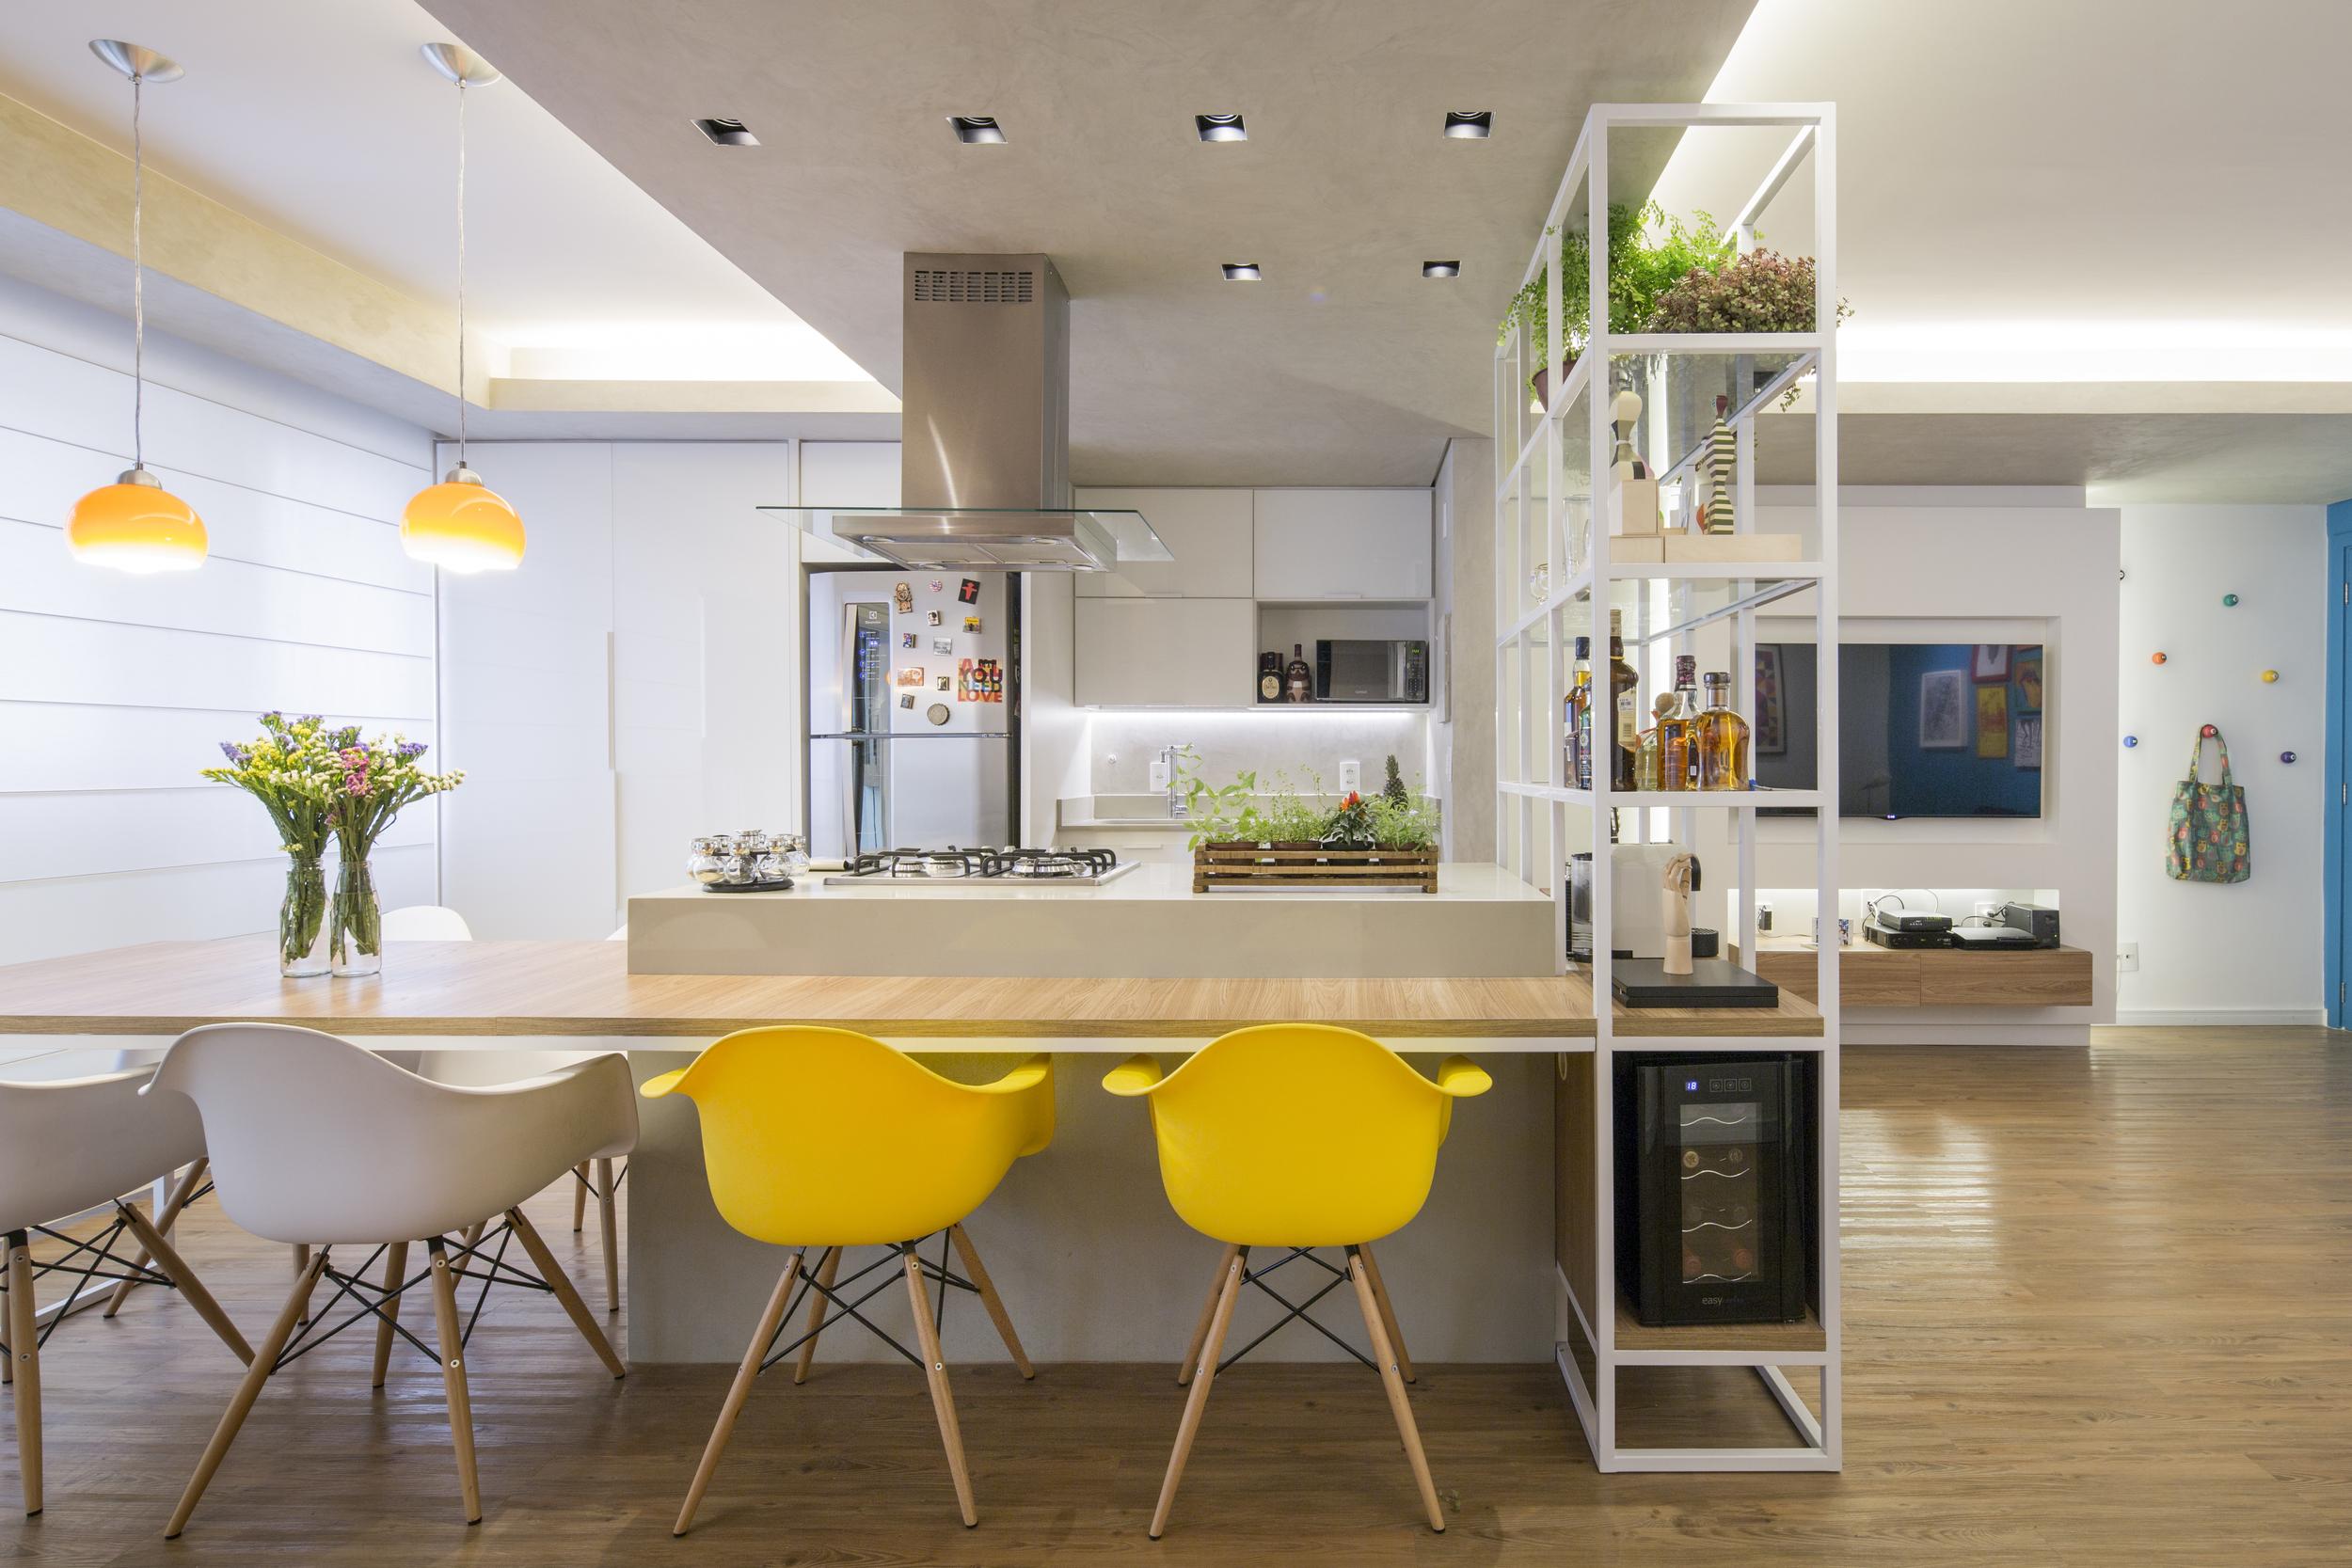 Um só elemento multifuncional, abraça a ilha da cozinha e se torna o coração do projeto.